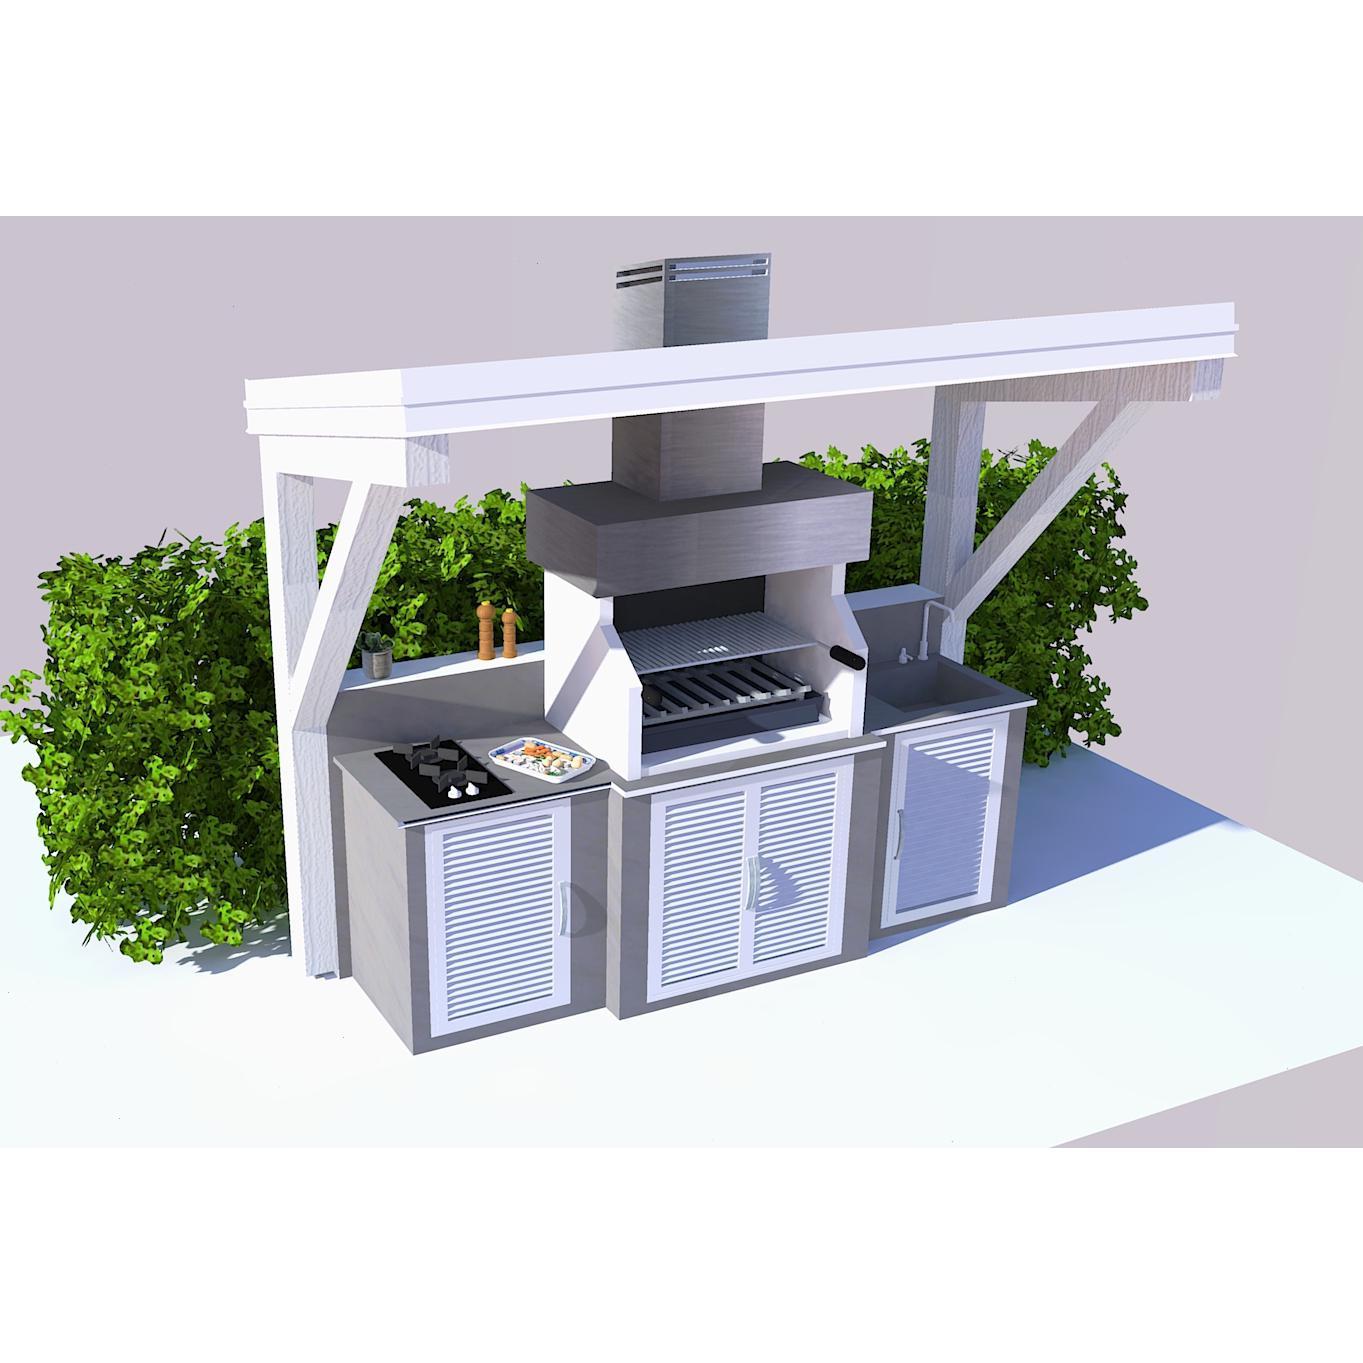 Cucine Da Esterno Prezzi cucina da esterno con tettoia